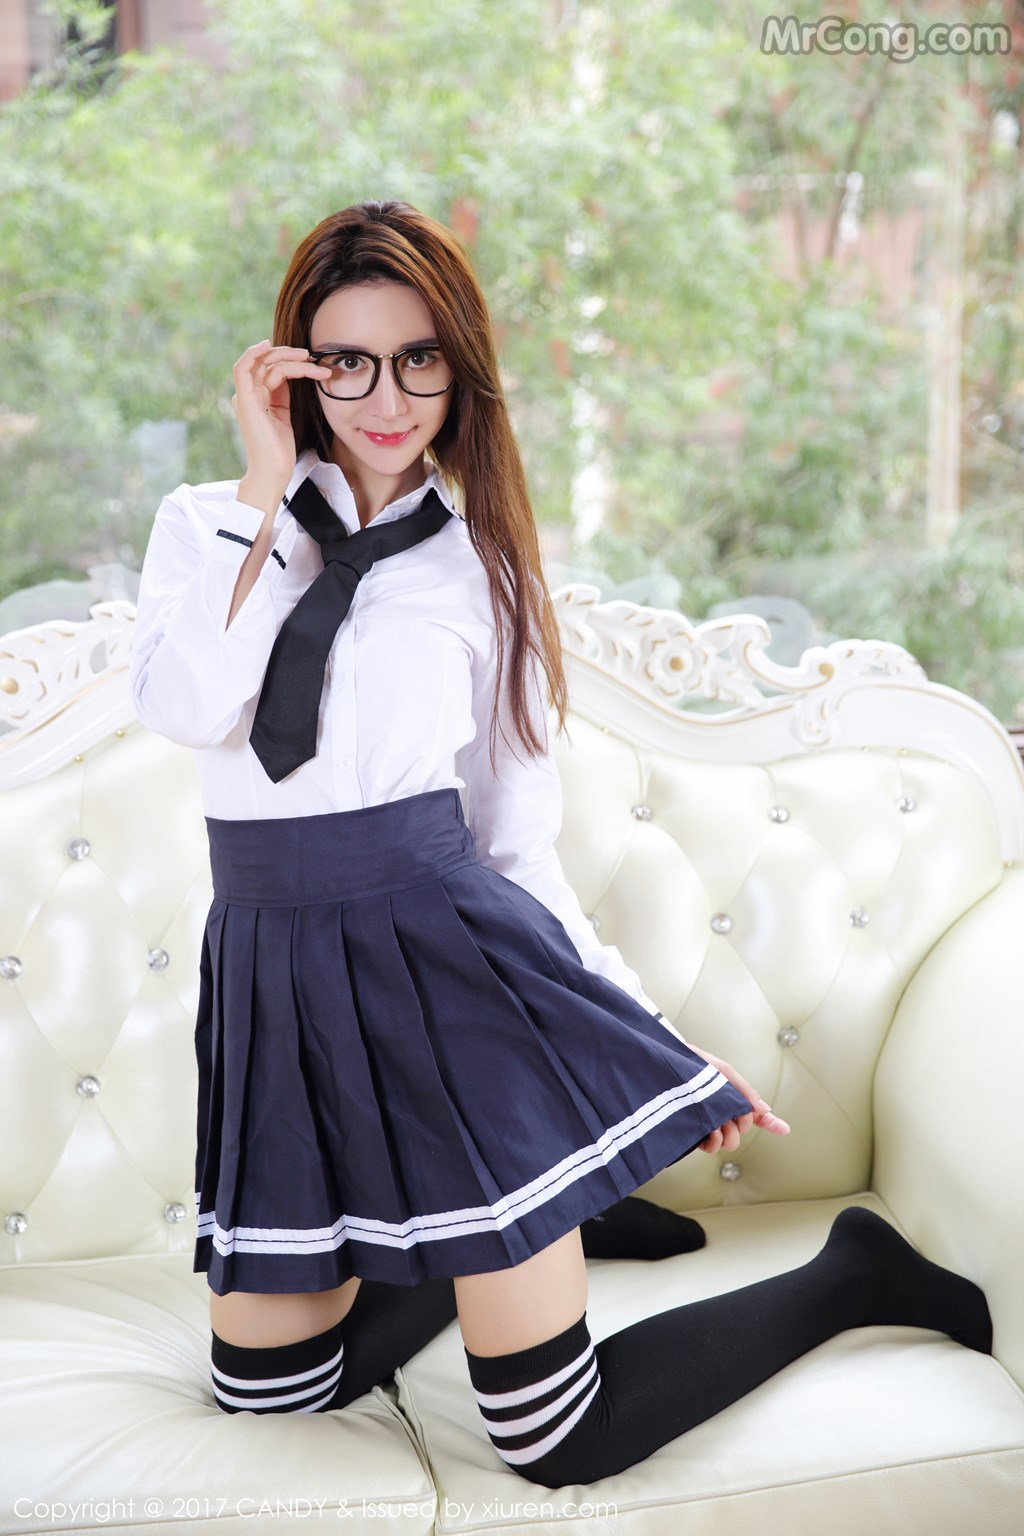 Image CANDY-2017-04-28-Vol.020-Yi-Li-Na-MrCong.com-002 in post CANDY Vol.020: Người mẫu Yi Li Na (伊莉娜) (59 ảnh)